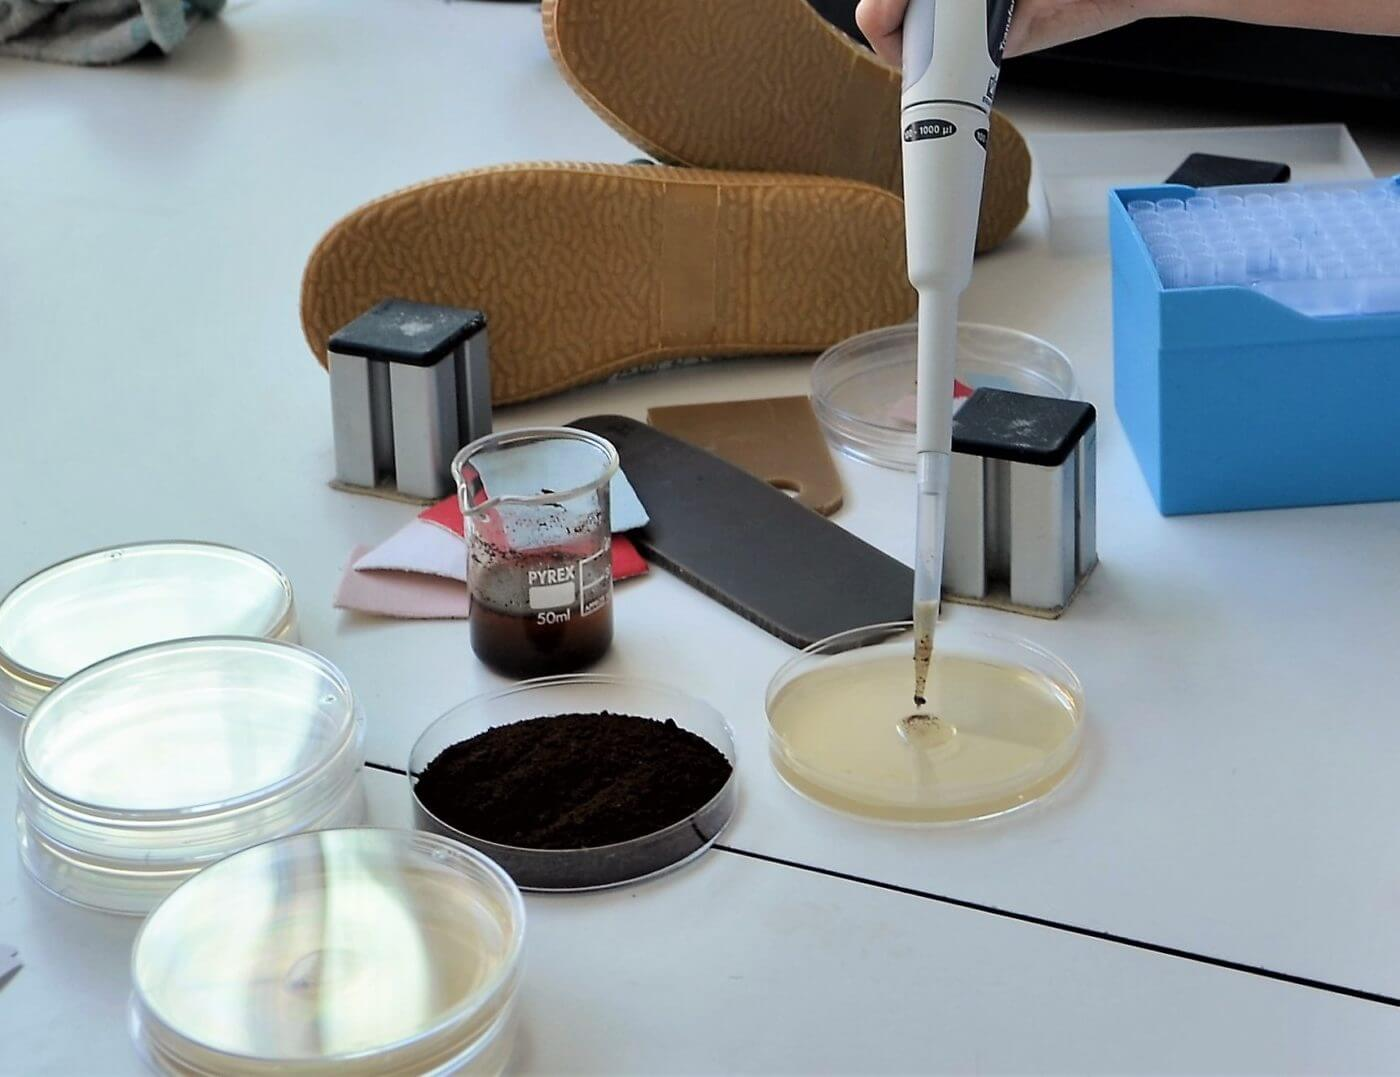 El CTCR avanza en el proyecto que persigue fabricar suelas de calzado a partir de los posos del café